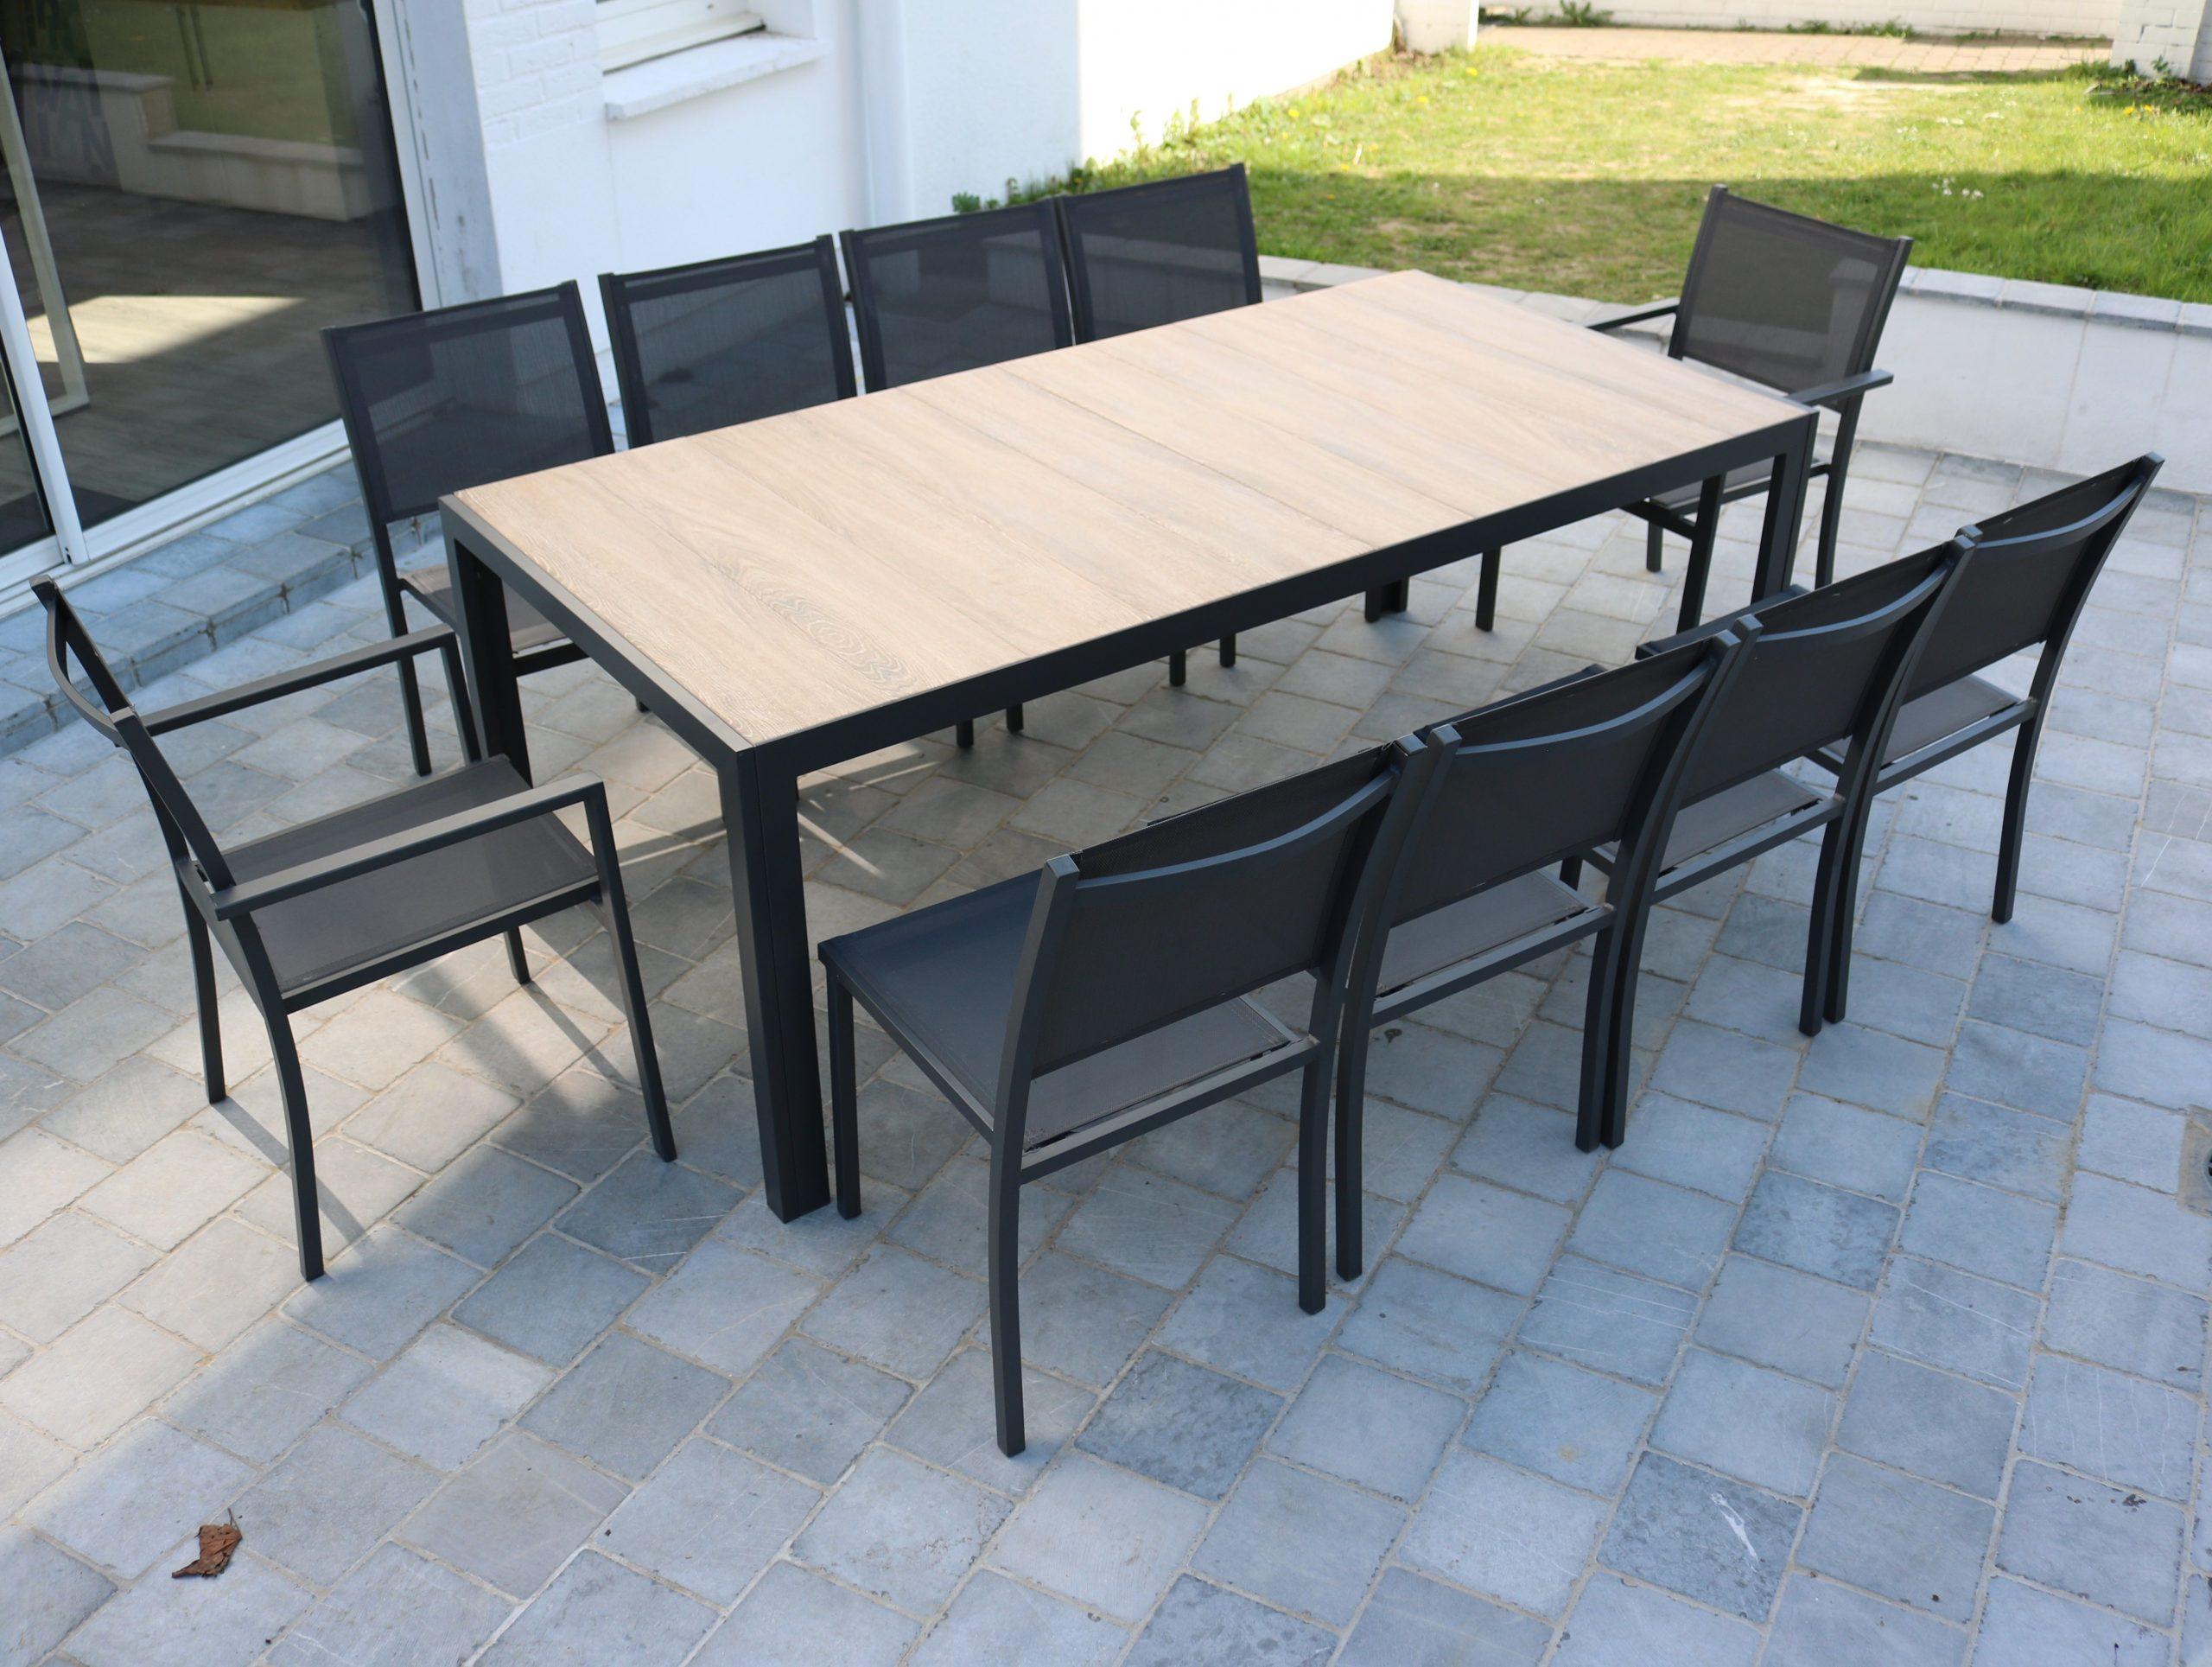 Table De Jardin 10 Personnes - Canalcncarauca serapportantà Table Céramique Jardin